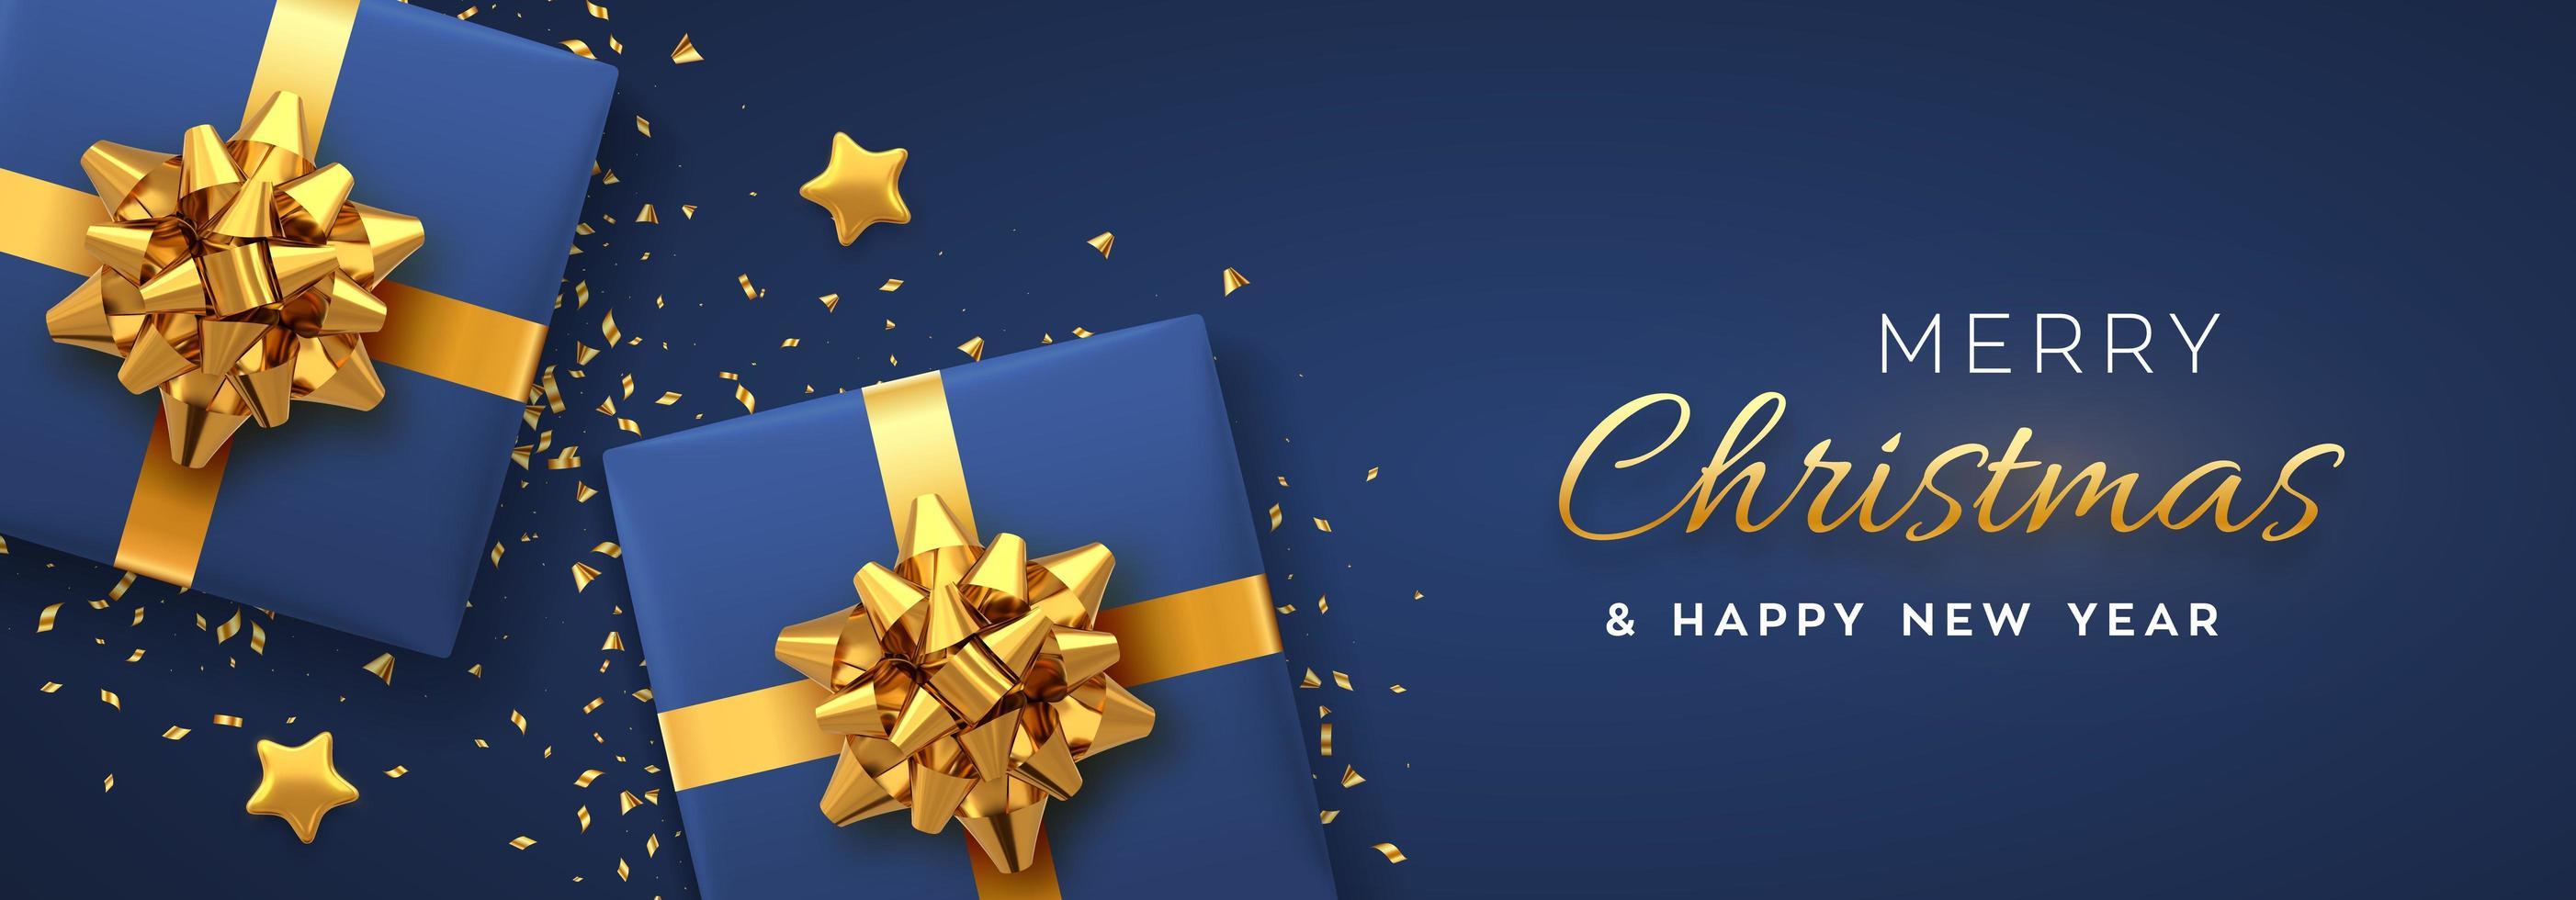 banner di Natale. scatole regalo blu realistiche con fiocchi dorati vettore